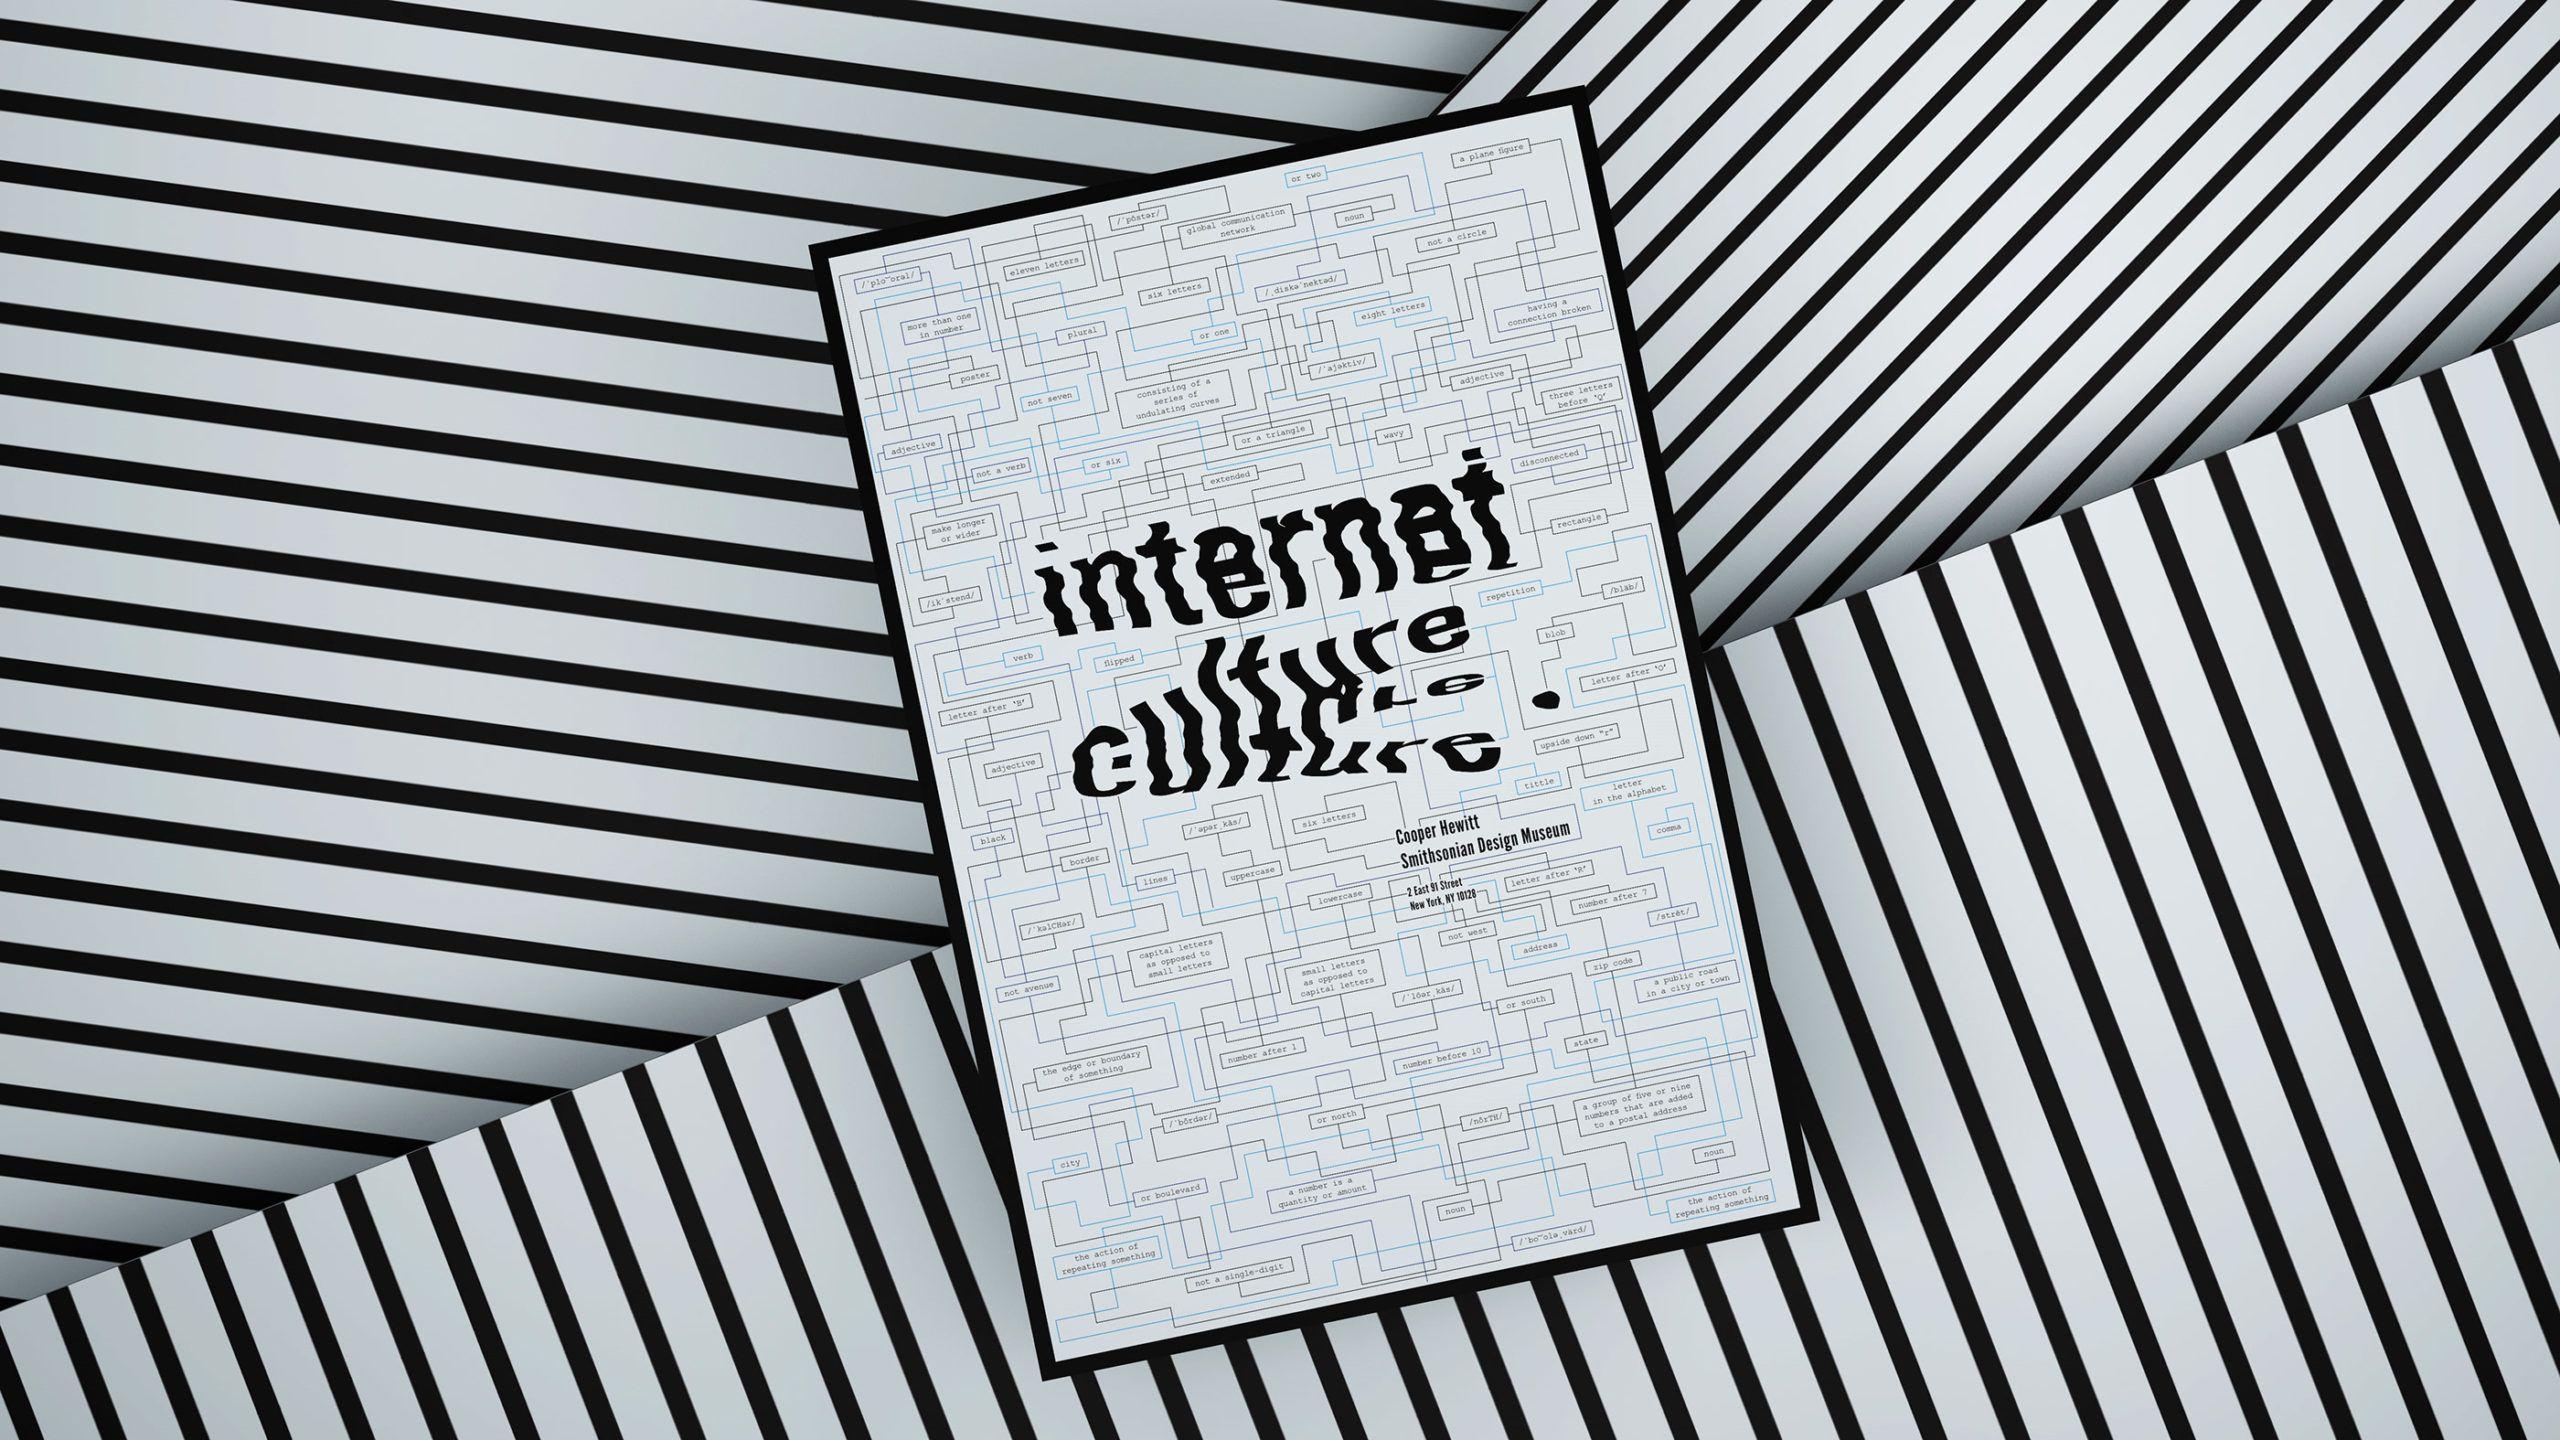 Internet Culture La Cultura De Internet Y Bibliotecas En Línea Bibliotecas Online Descargar Libros Electronicos Libros Electronicos Gratis